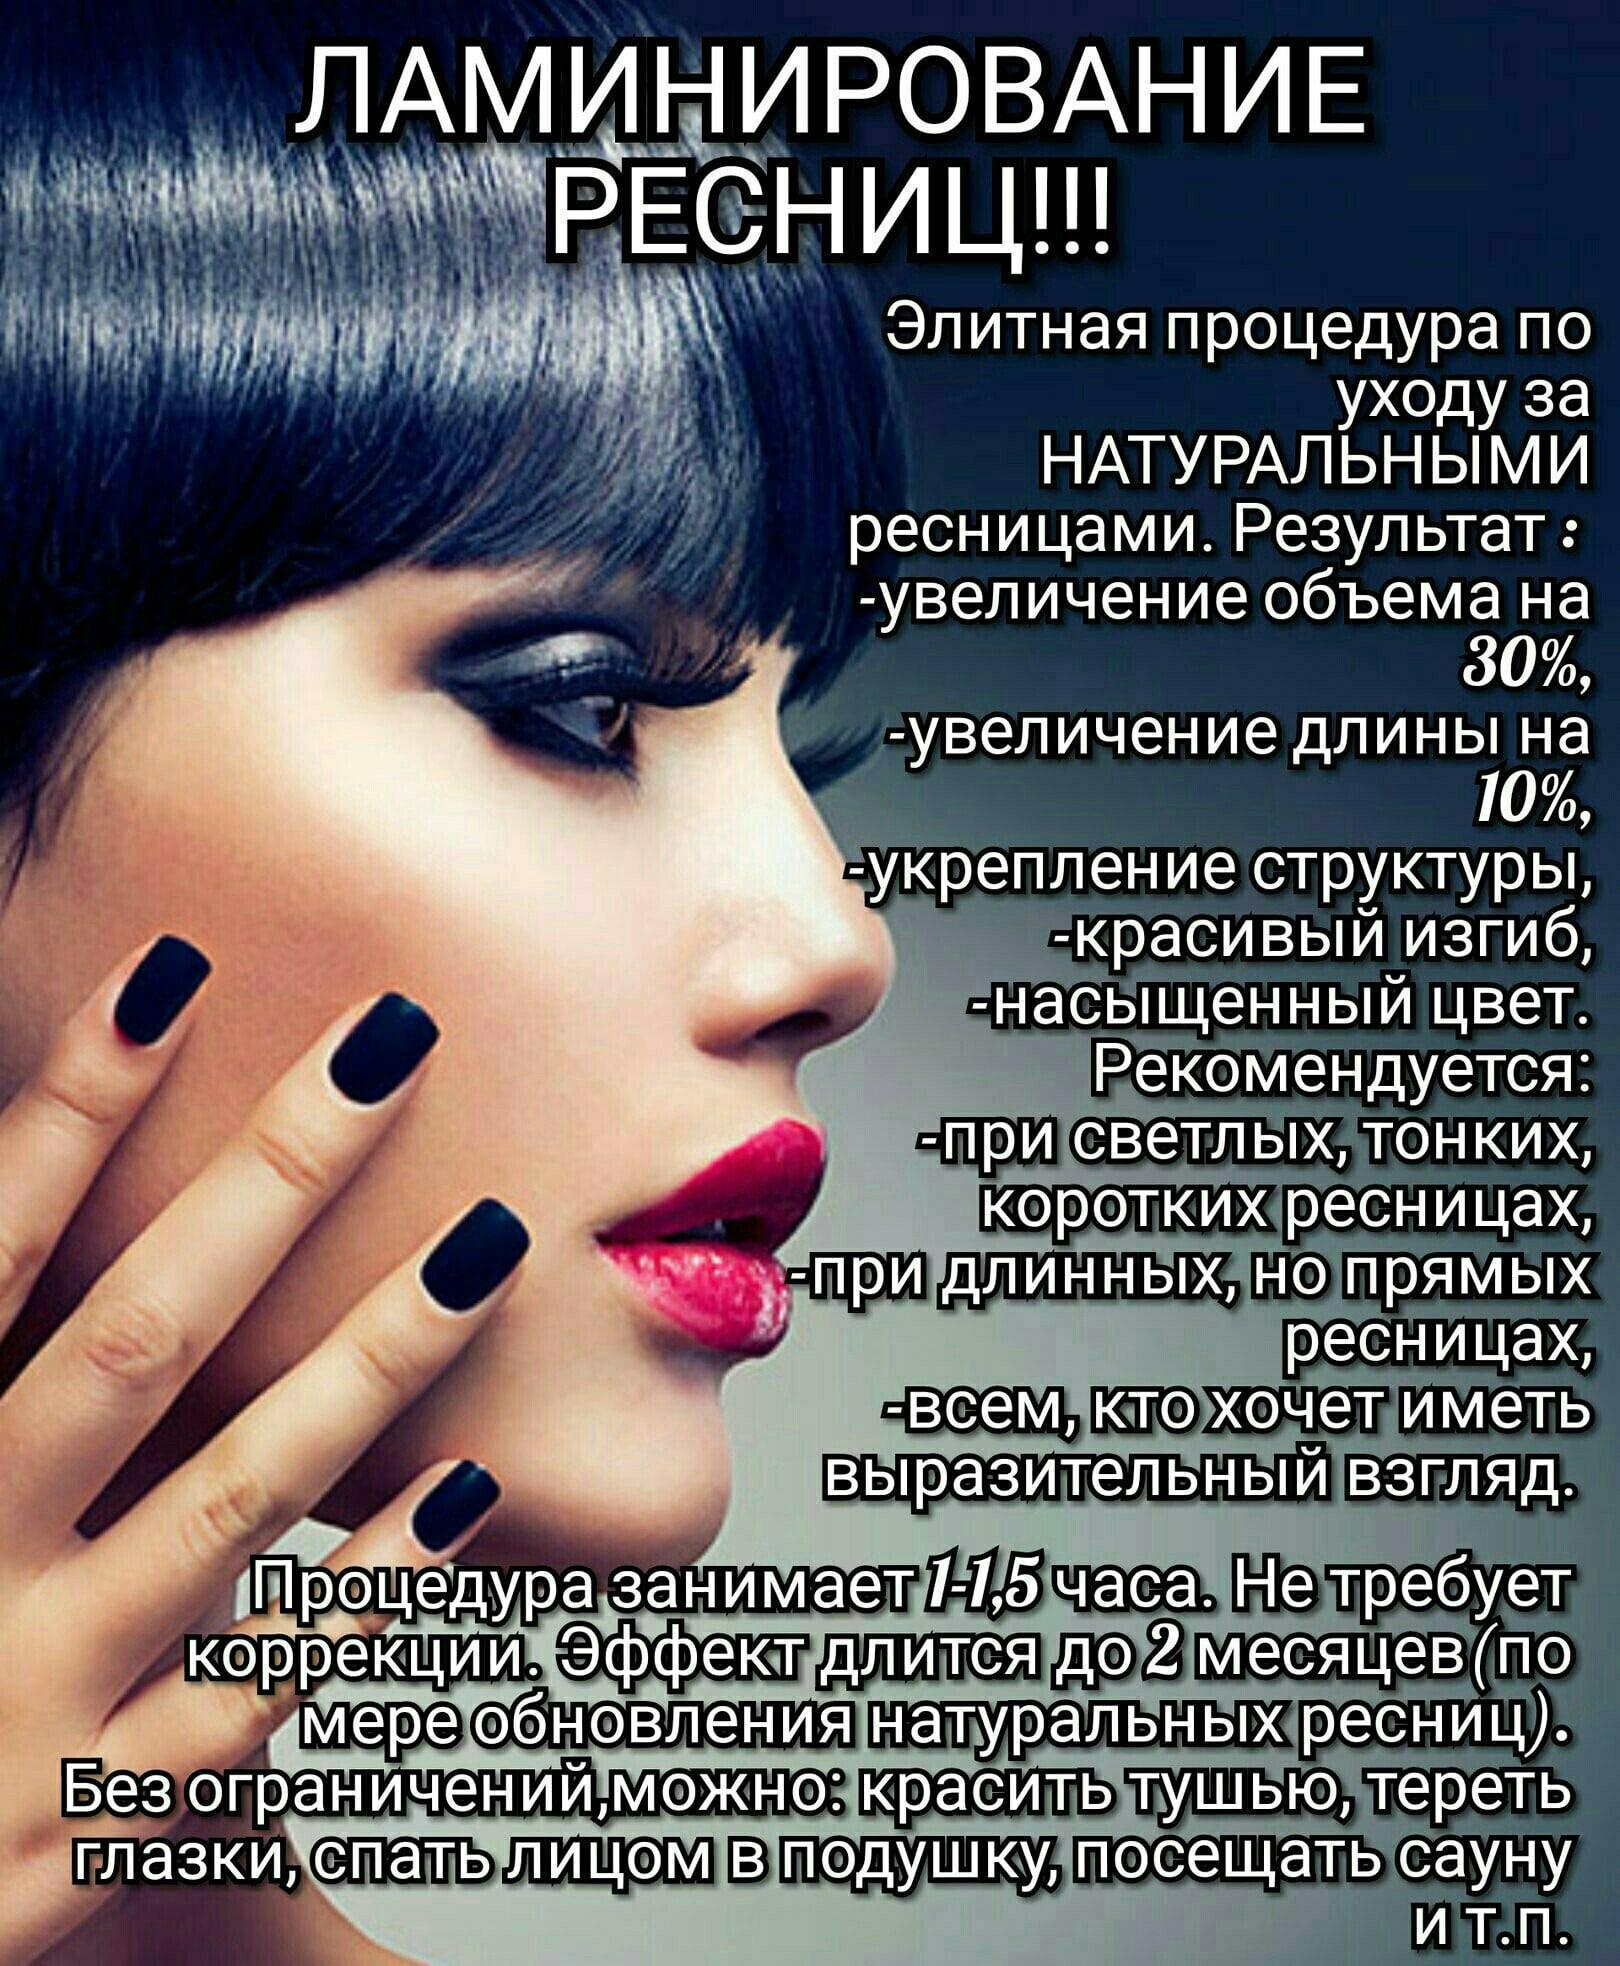 ИЩУ МОДЕЛЕЙ НА ЛАМИНИРОВАНИЕ РЕСНИЦ С БОТОКСОМ 800 Р!